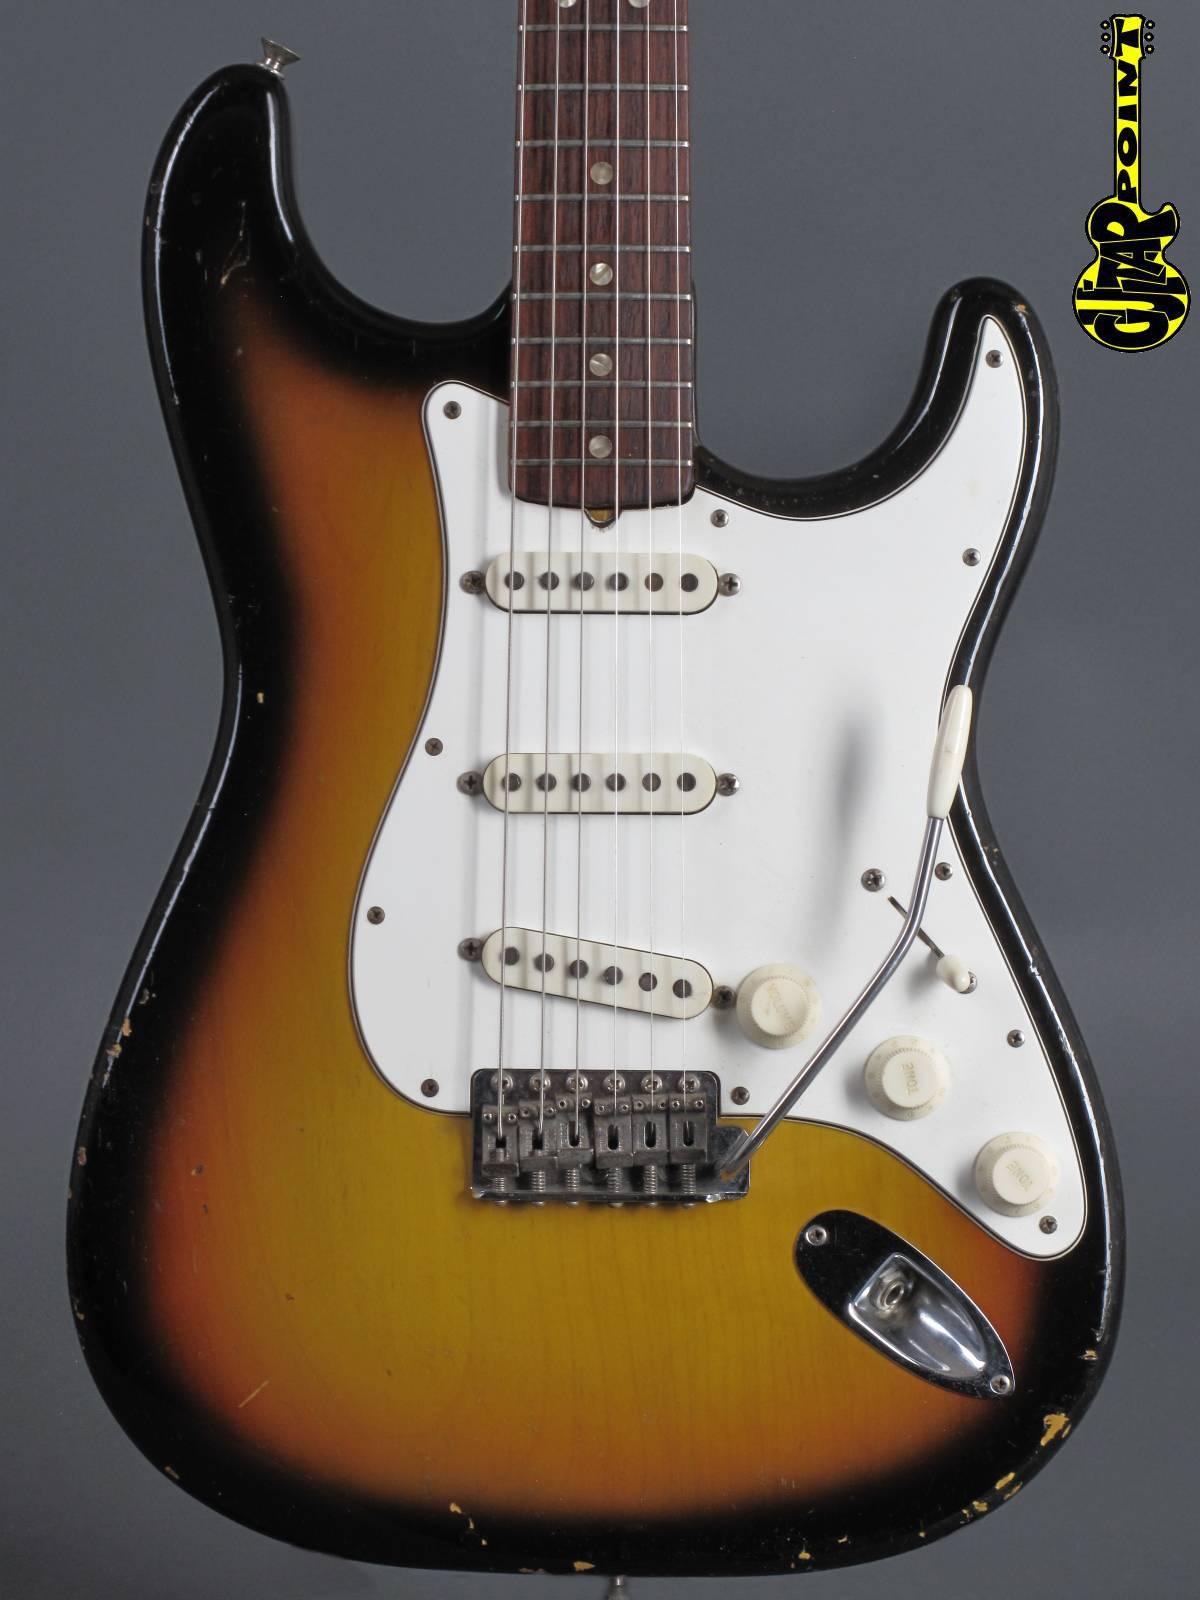 1967 Fender Stratocaster - 3t-Sunburst